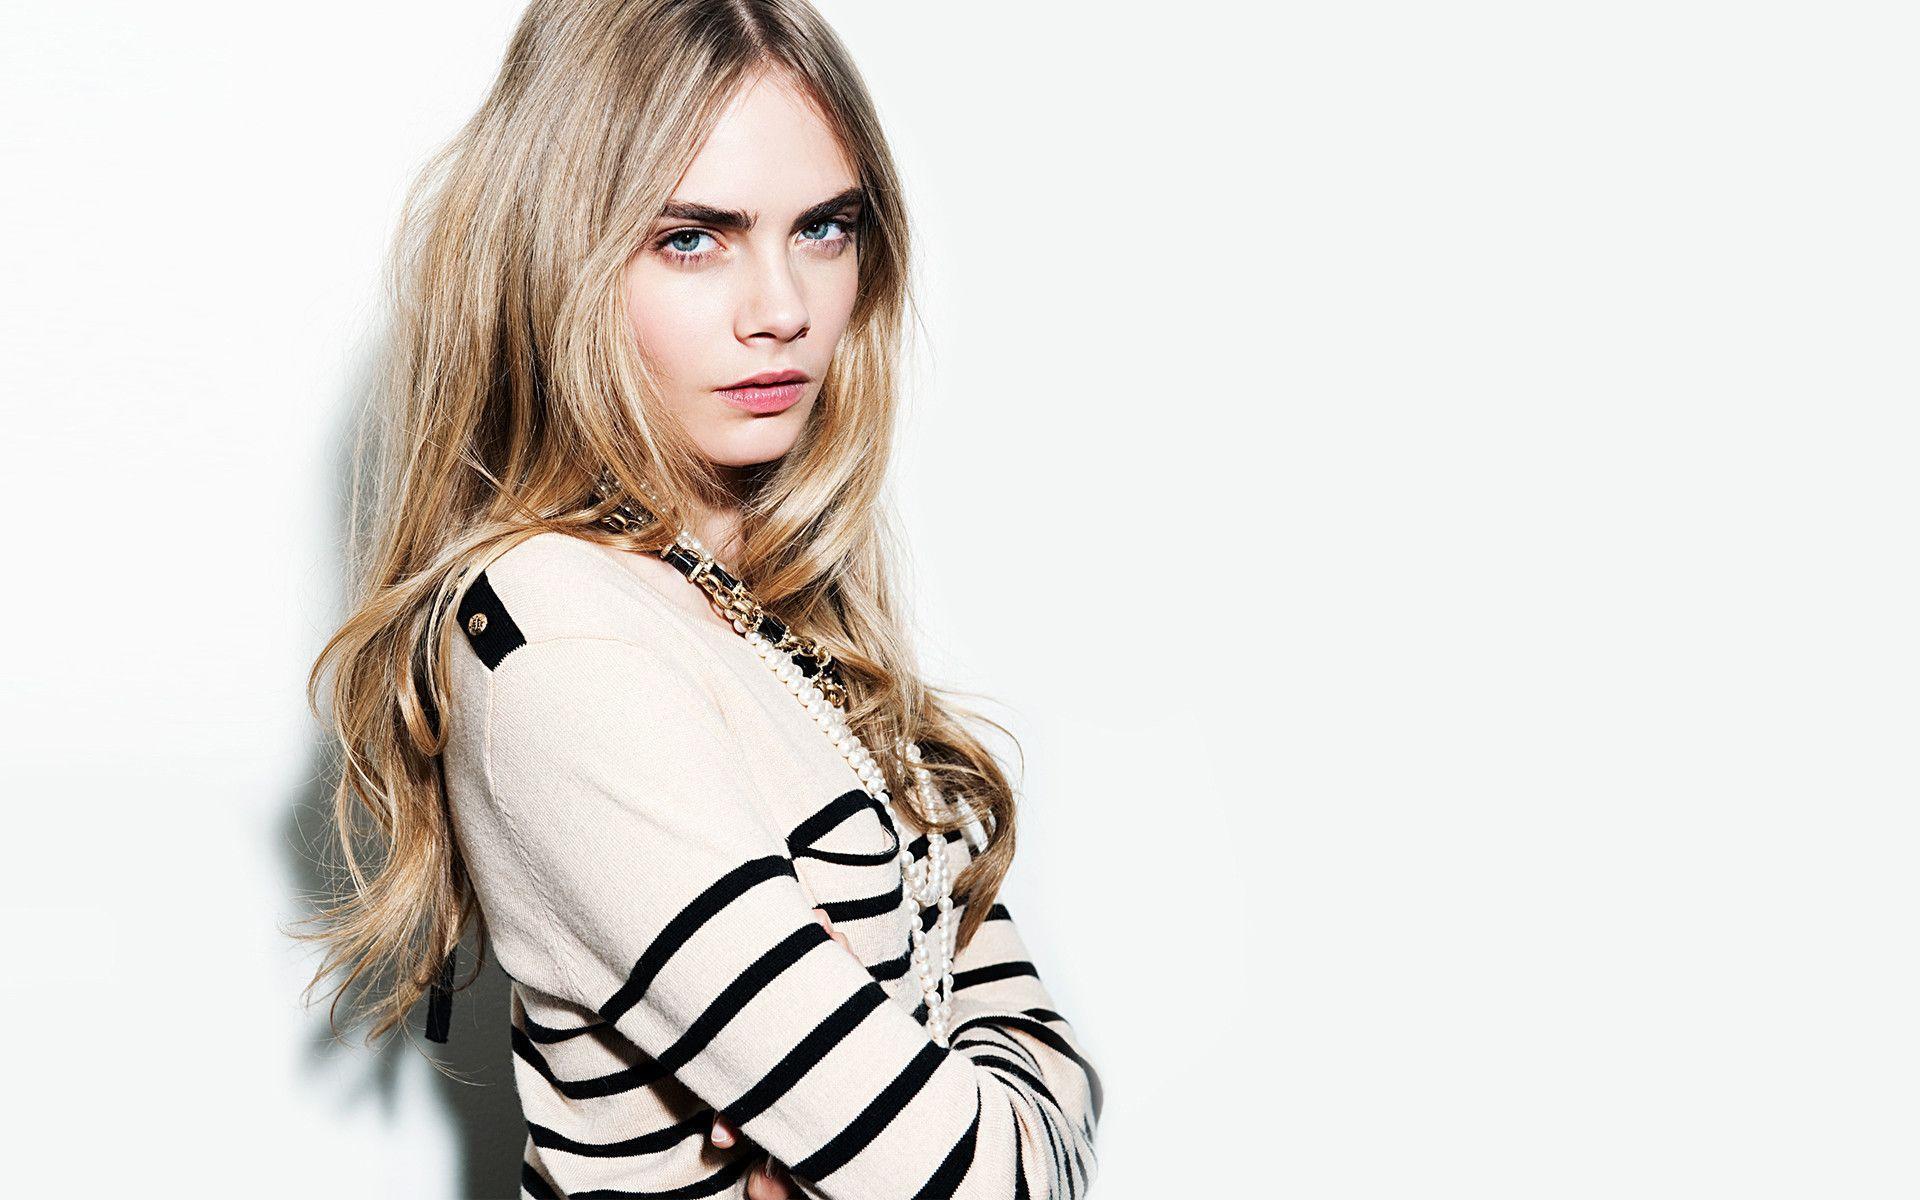 super model cara delevingne wallpaper - photo #4